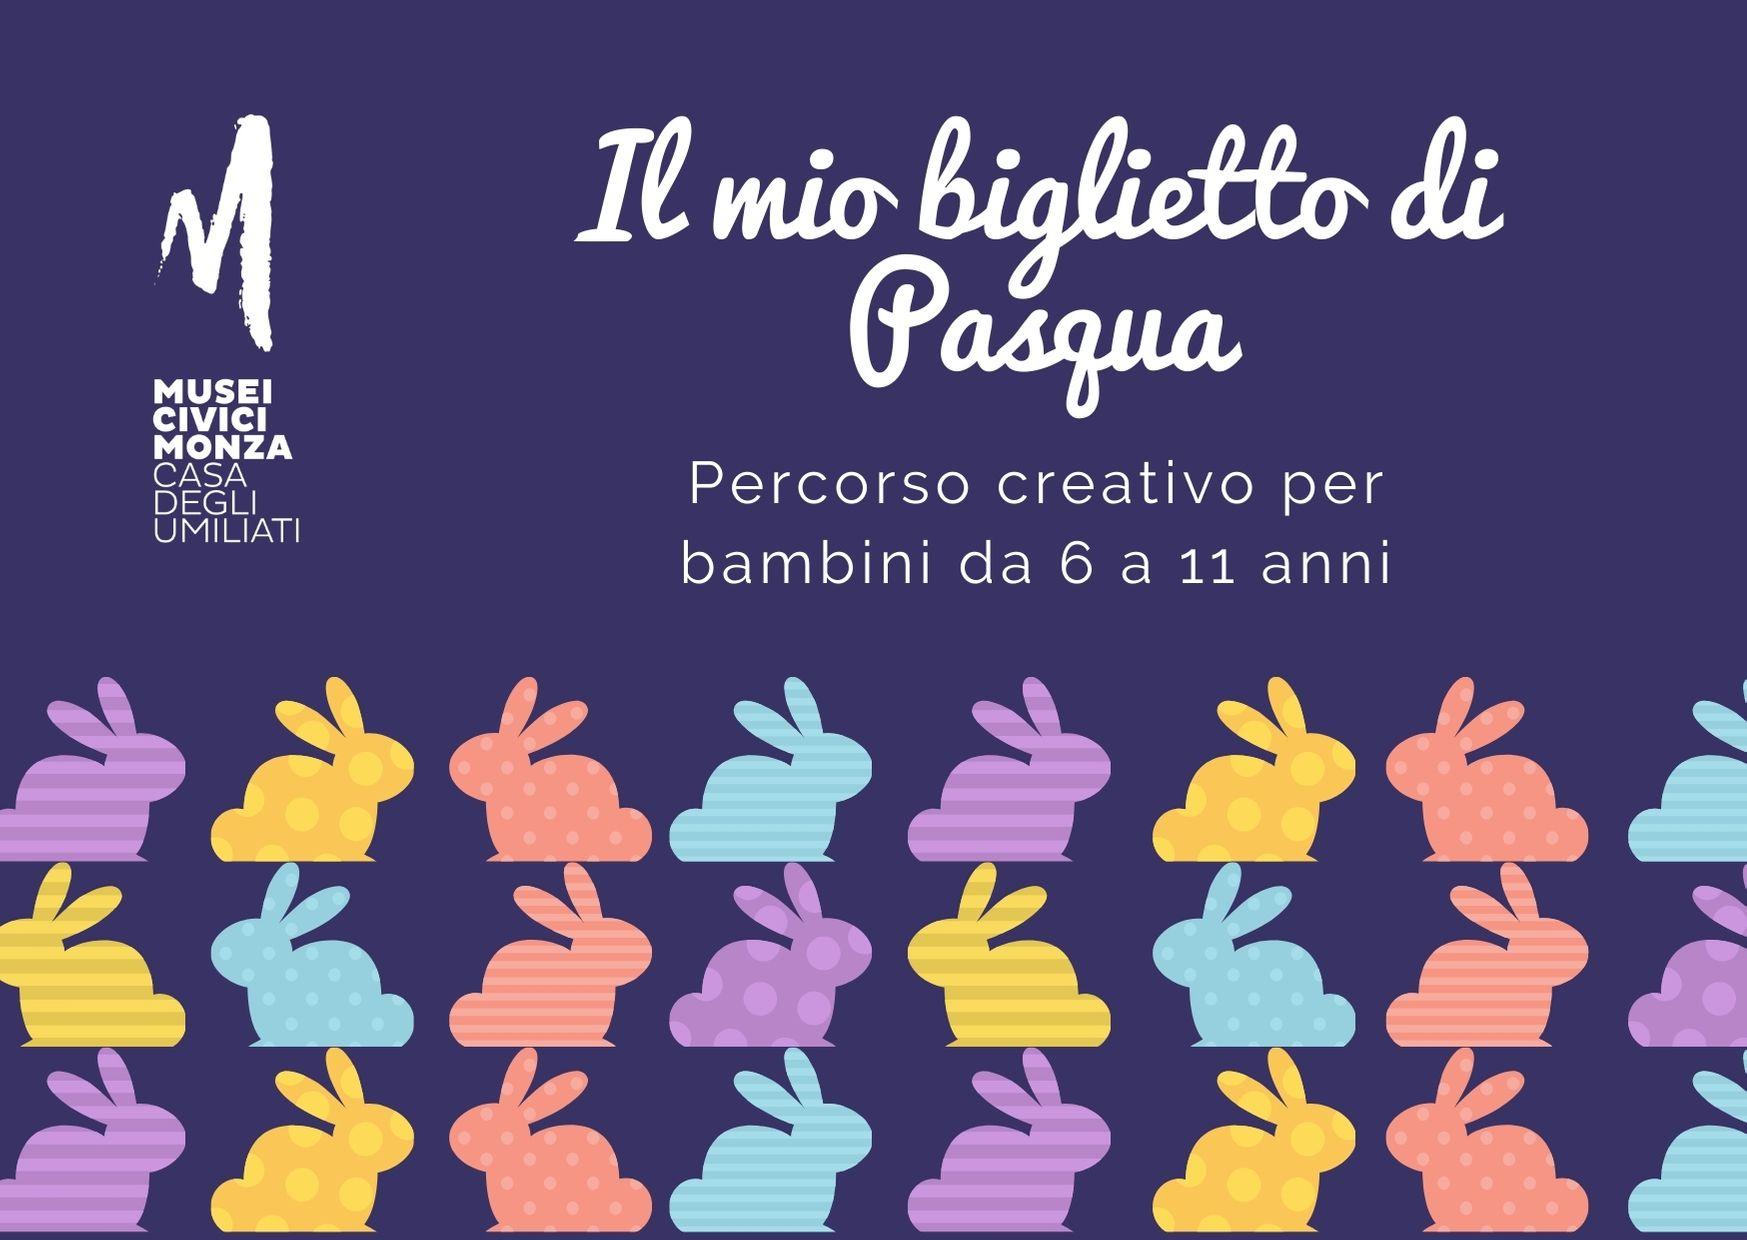 http://www.icom-italia.org/wp-content/uploads/wpforms/10320-faf7ed92f83be88bc622f726ed042c0c/Viola-e-Colorato-Coniglietti-Biglietto-di-Pasqua-1-be0e9727cb0c5af7999352b9d3563f9a.jpg